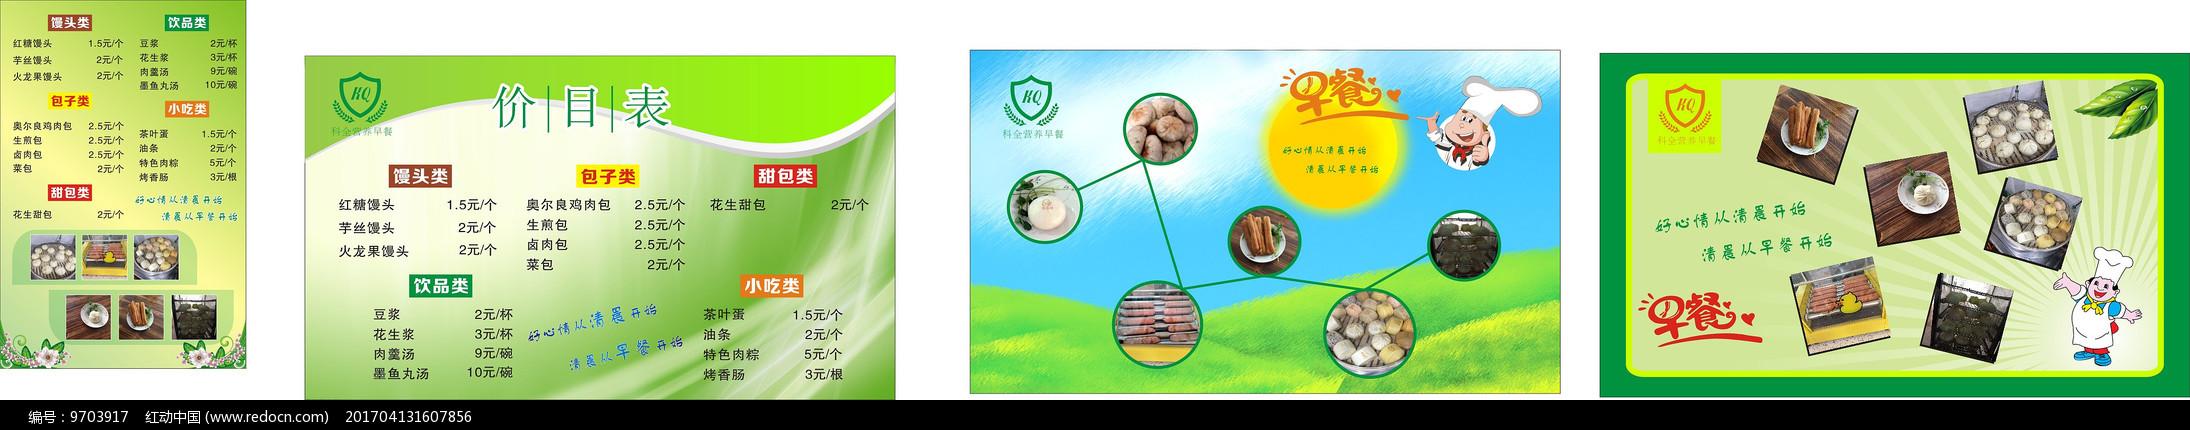 绿色早餐展板图片